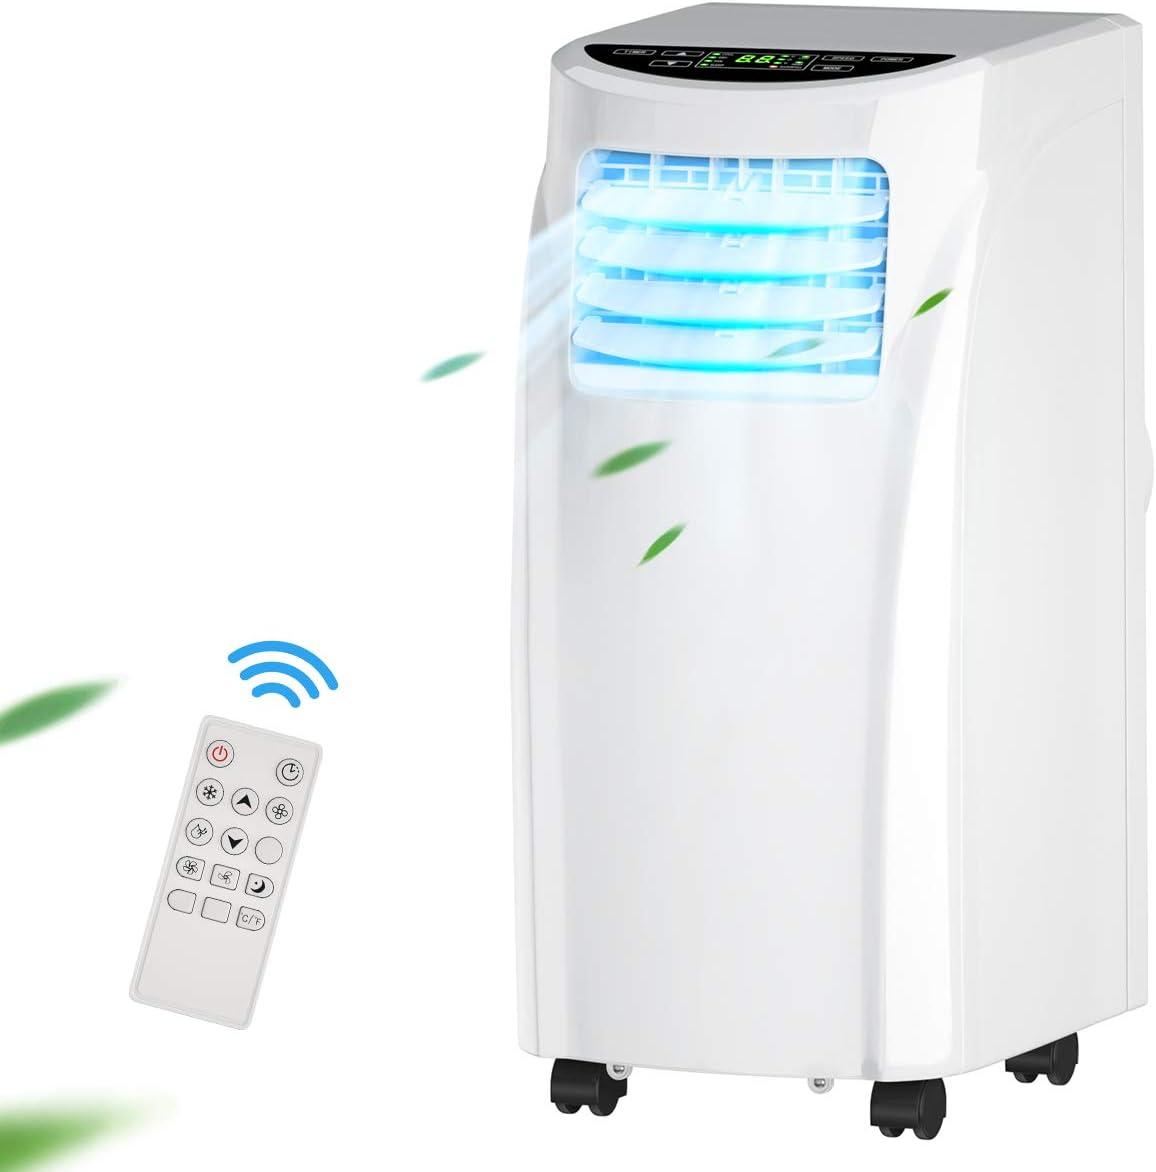 COSTWAY Portable Air Conditioner, 8000 BTU